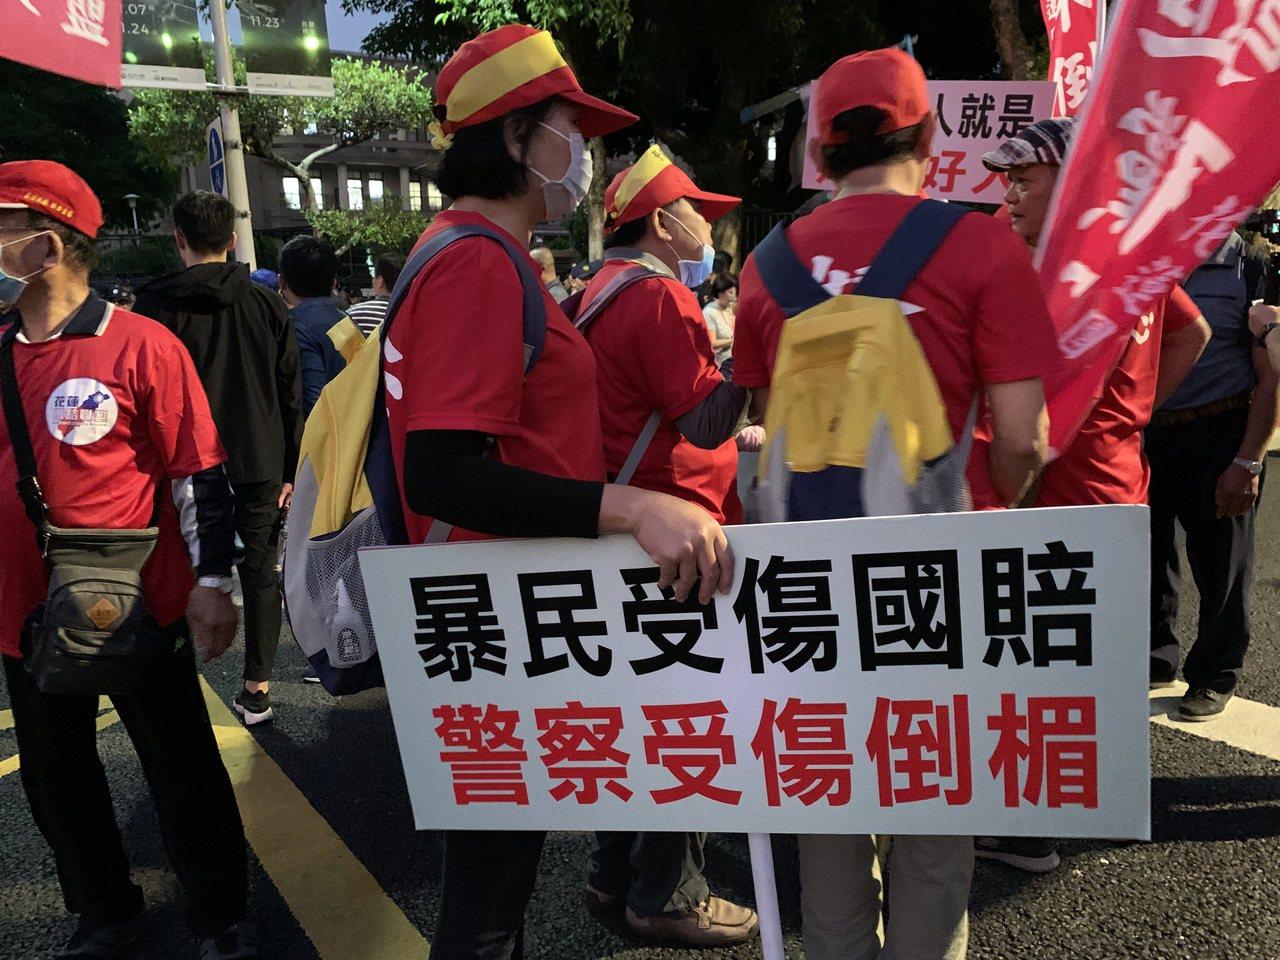 中華民國退休警察協會不滿台北地院針對「太陽花學運」遭警驅離聲請國賠案判決,今天下...